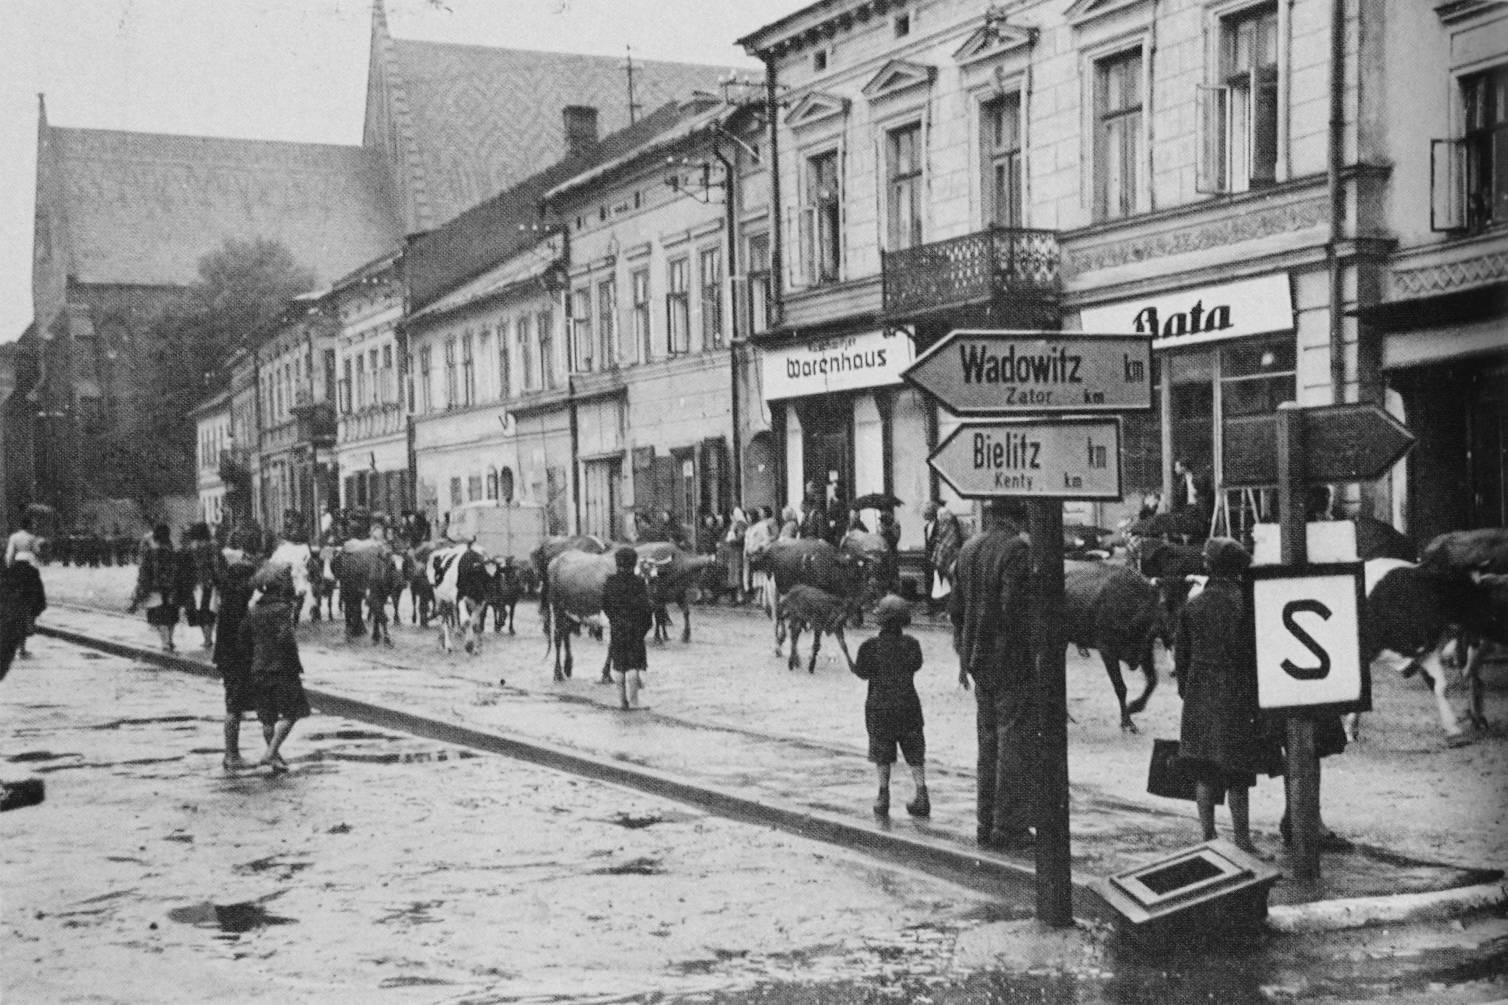 Markplaats van Oswiecim, 1940.